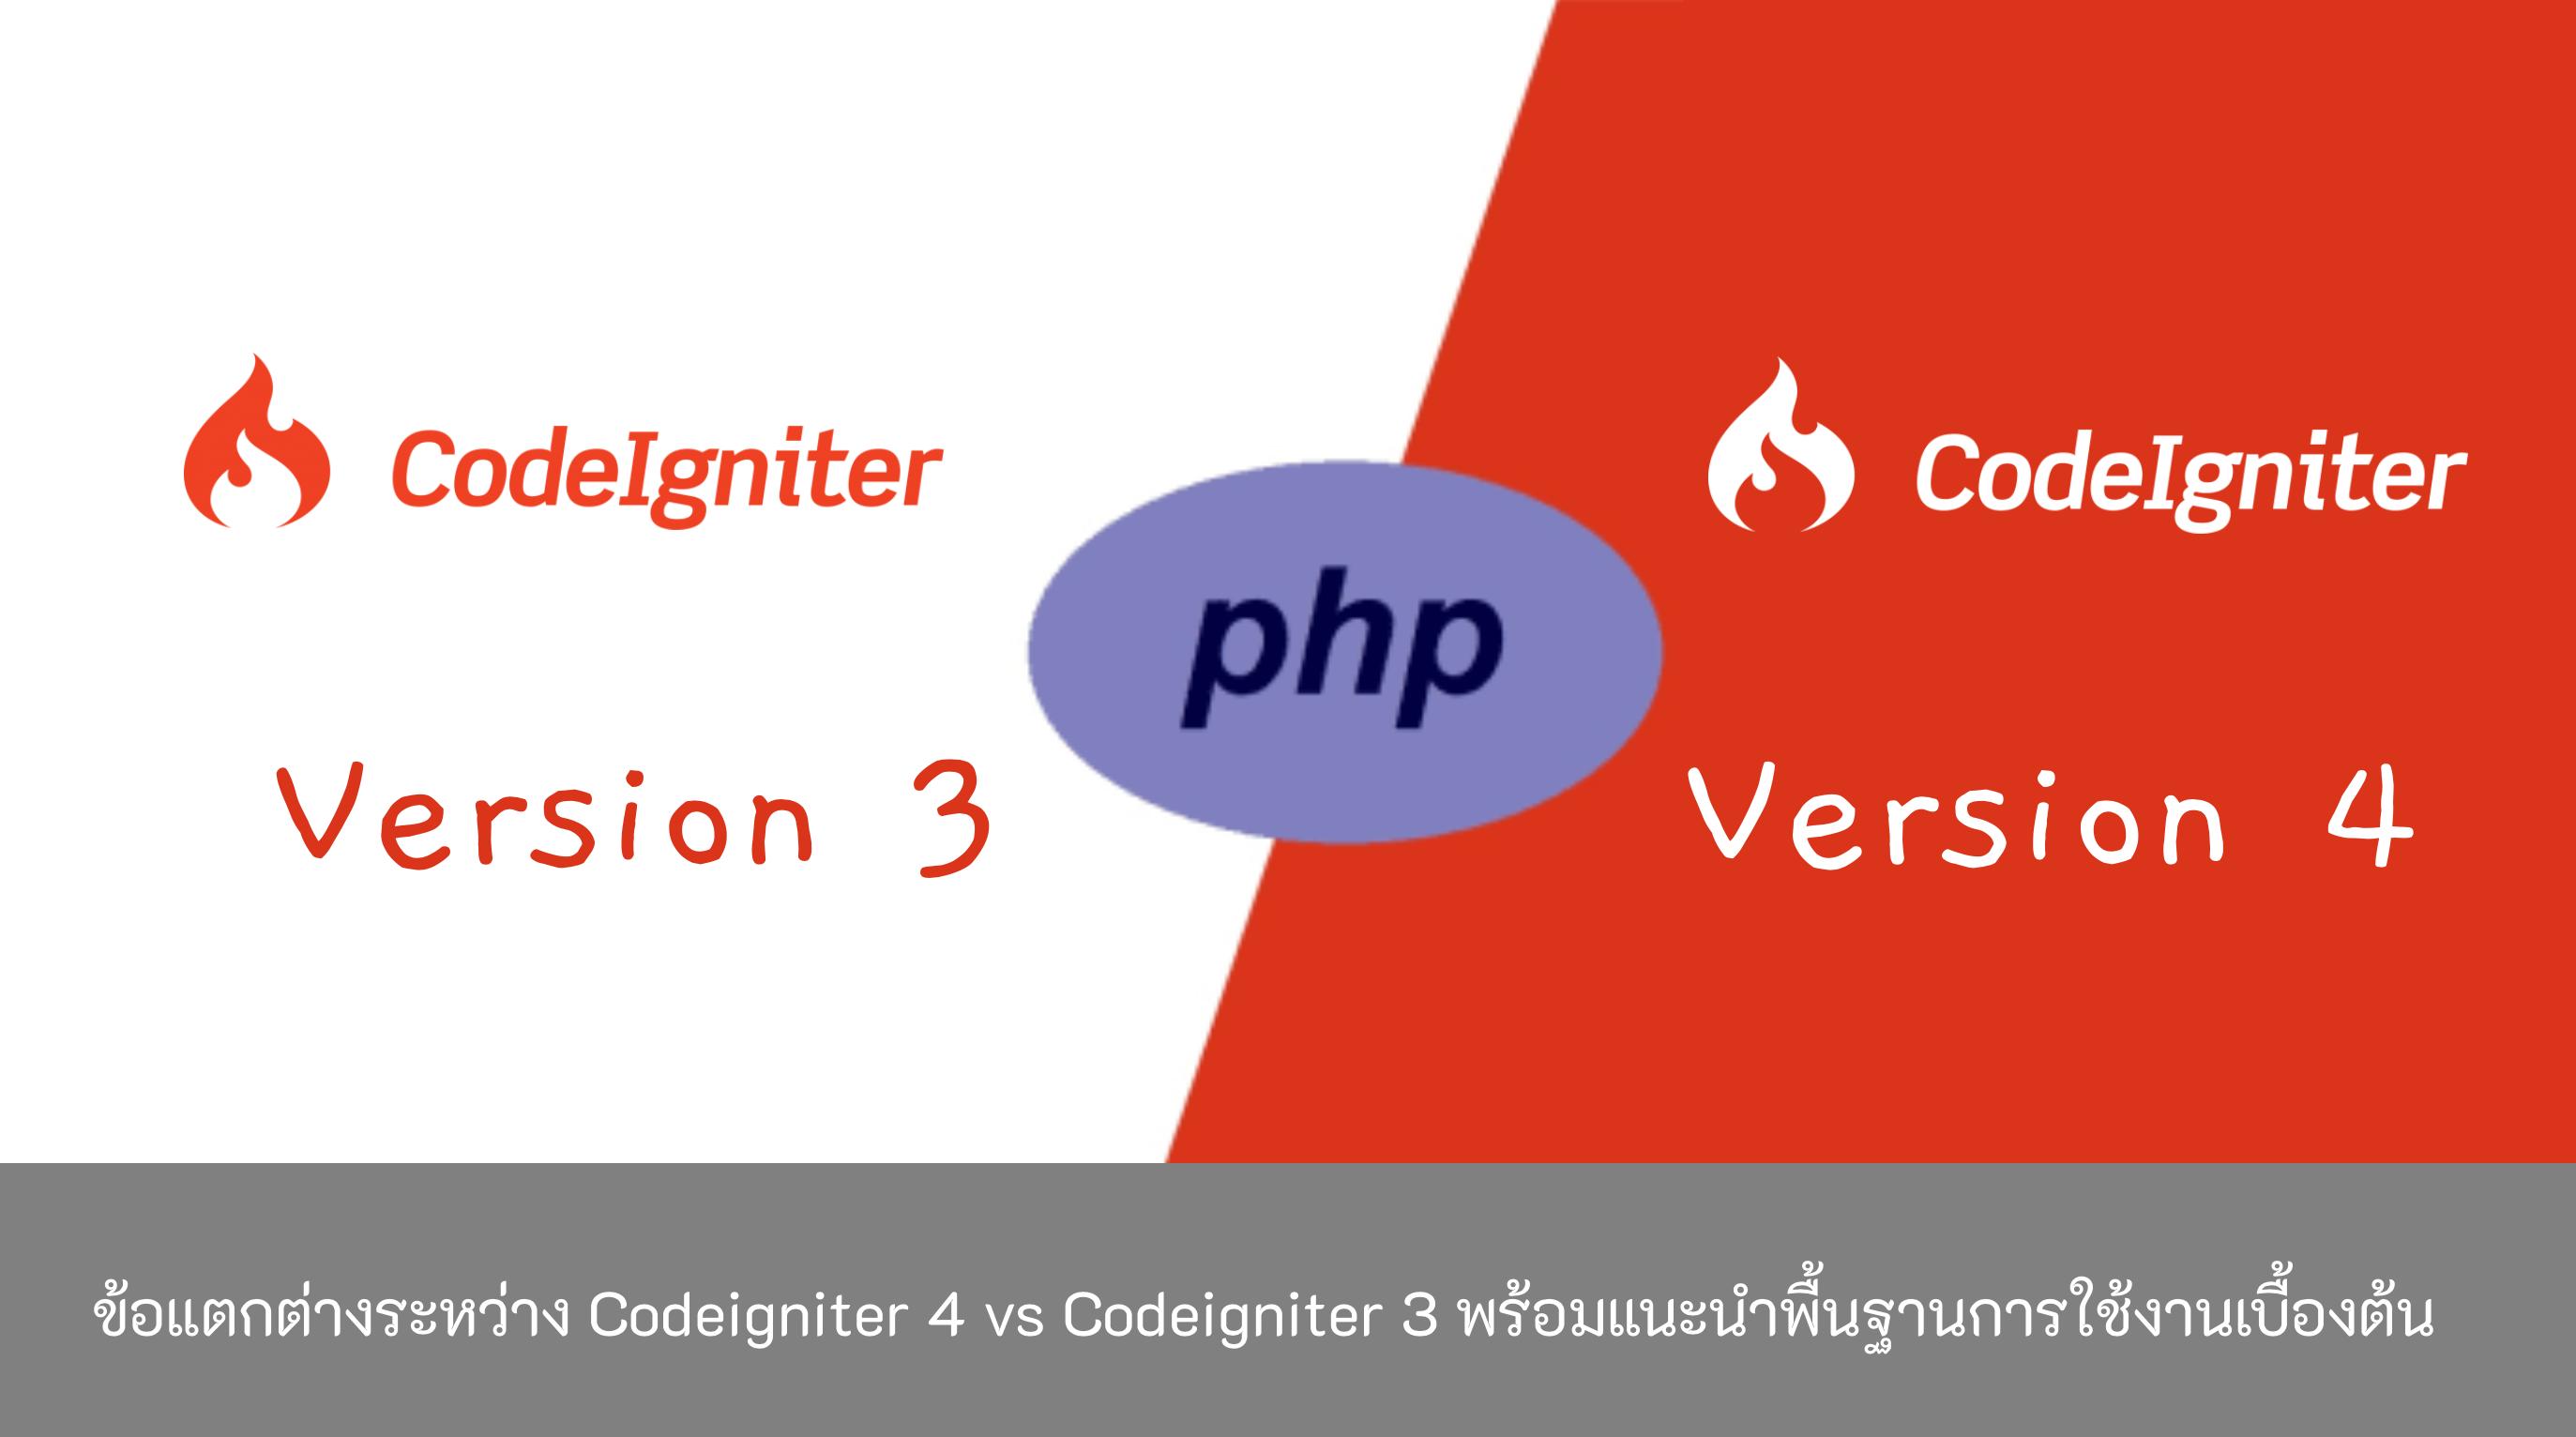 ข้อแตกต่างระหว่าง Codeigniter4vsCodeigniter3-และพื้นฐานการใช้งาน